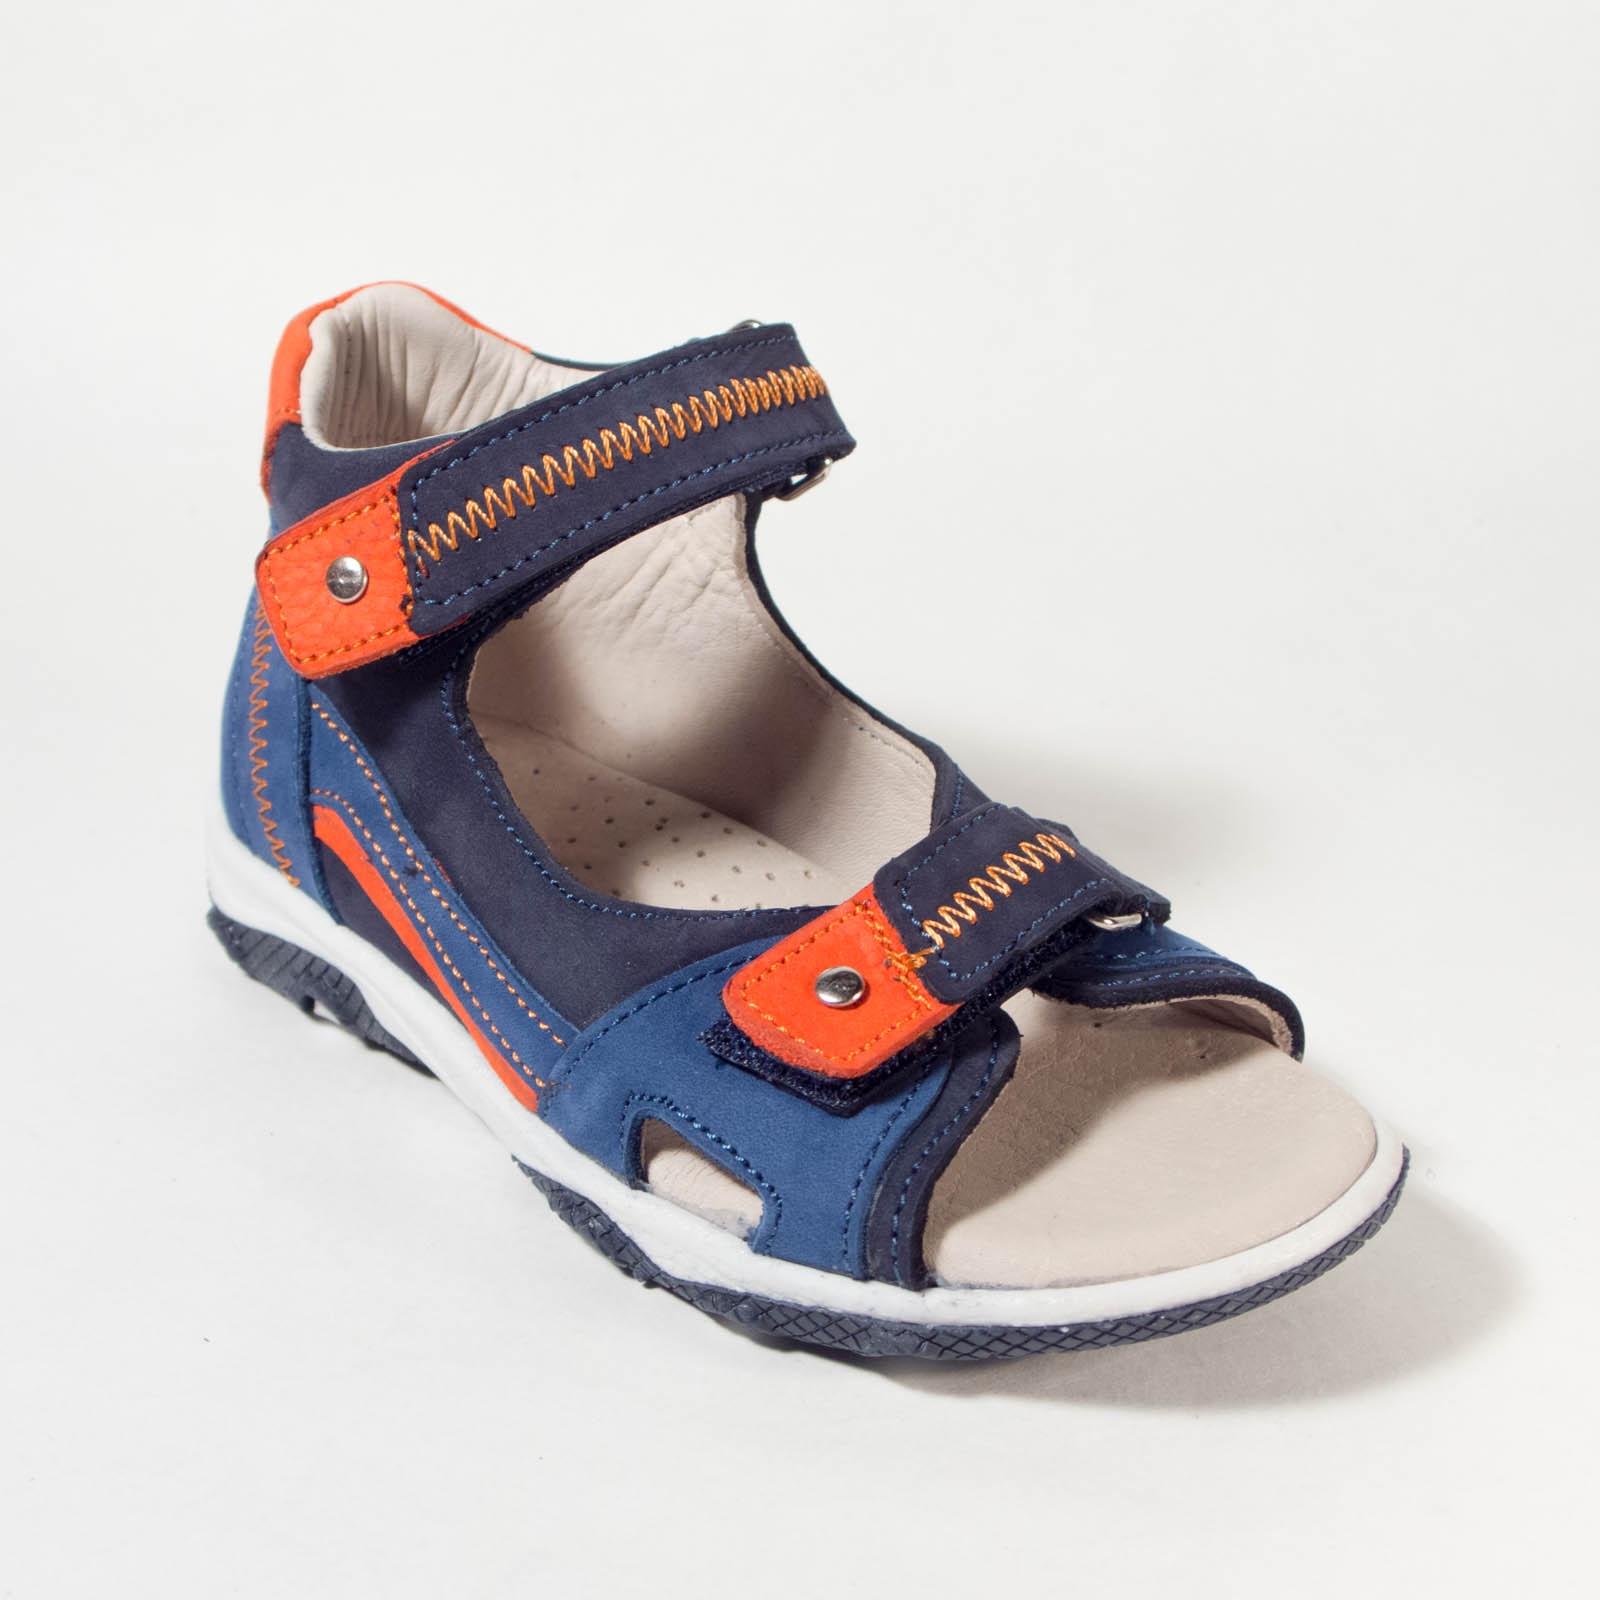 Сандалии Woopy orthopedic сандалии bos baby orthopedic shoes bos baby orthopedic shoes mp002xb008v7